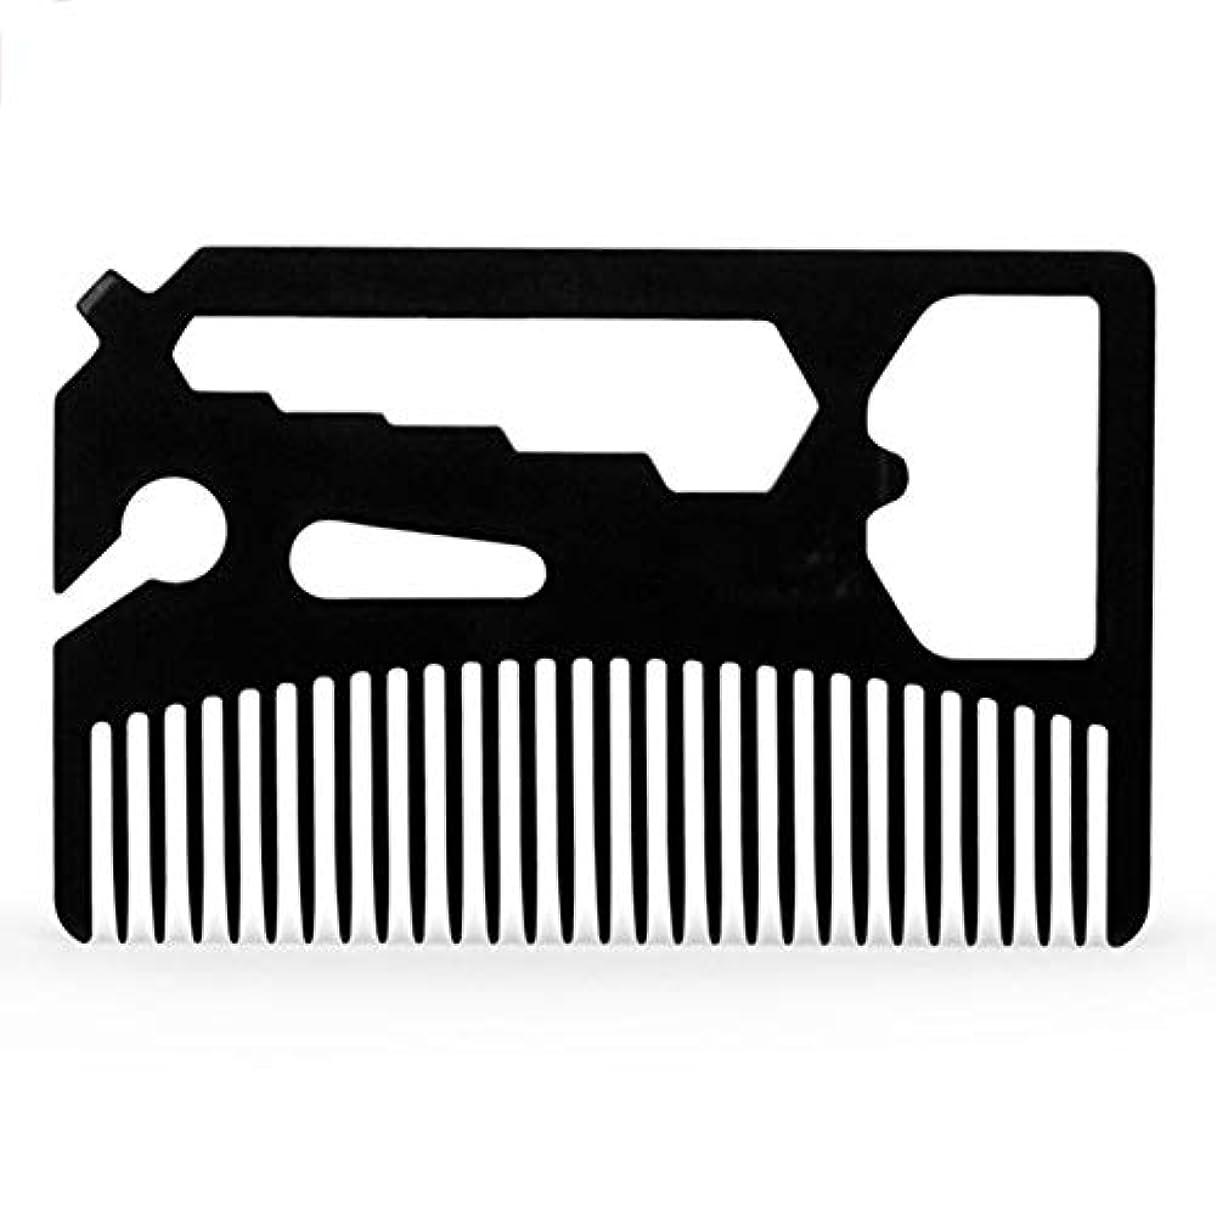 ターミナルデータひばりACHICOO 多機能ヘアブラシ ひげくし ステンレス鋼 栓抜き 髭櫛 金属 プラスチック 折りたたみ 男性 髪髭トリムツール 黒